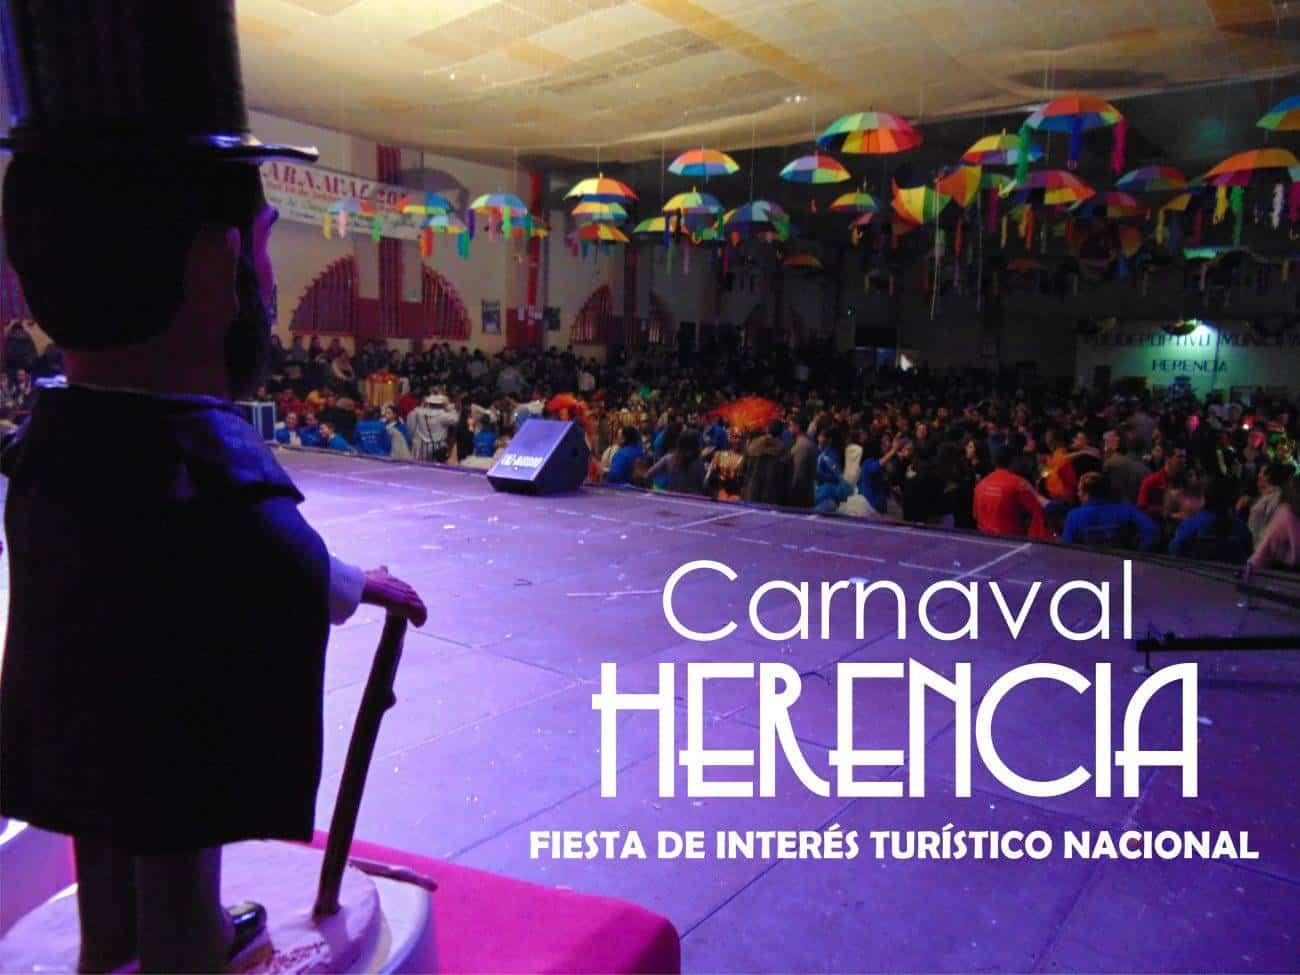 carnaval de herencia interes turistico nacional 2017 - El BOE publica la declaración de Interés Turístico Nacional del Carnaval de Herencia